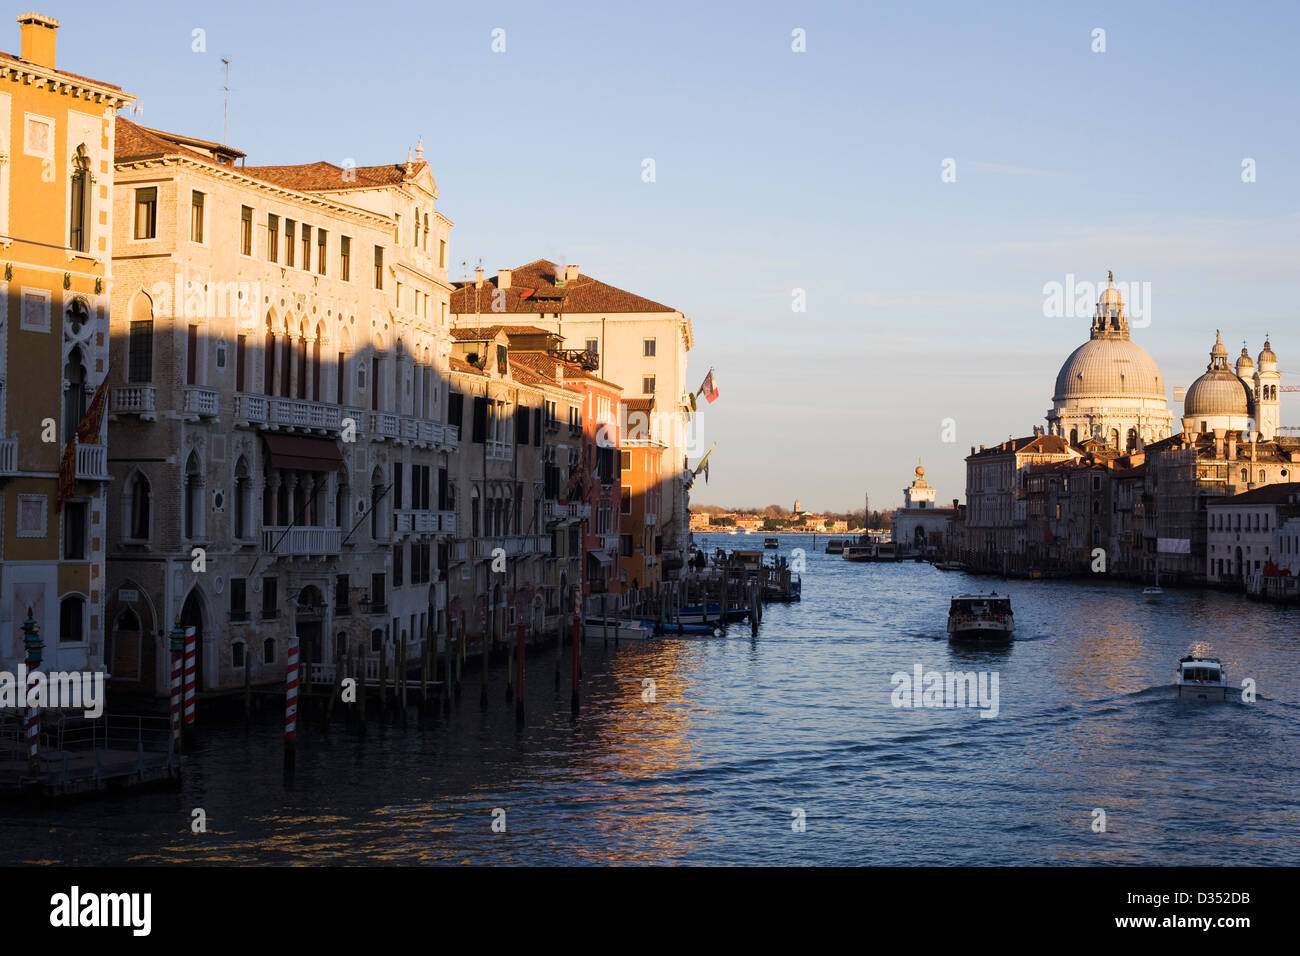 Venezia Venise ville marécageuse au nord-est de l'Italie Lagune de Venise Photo Stock